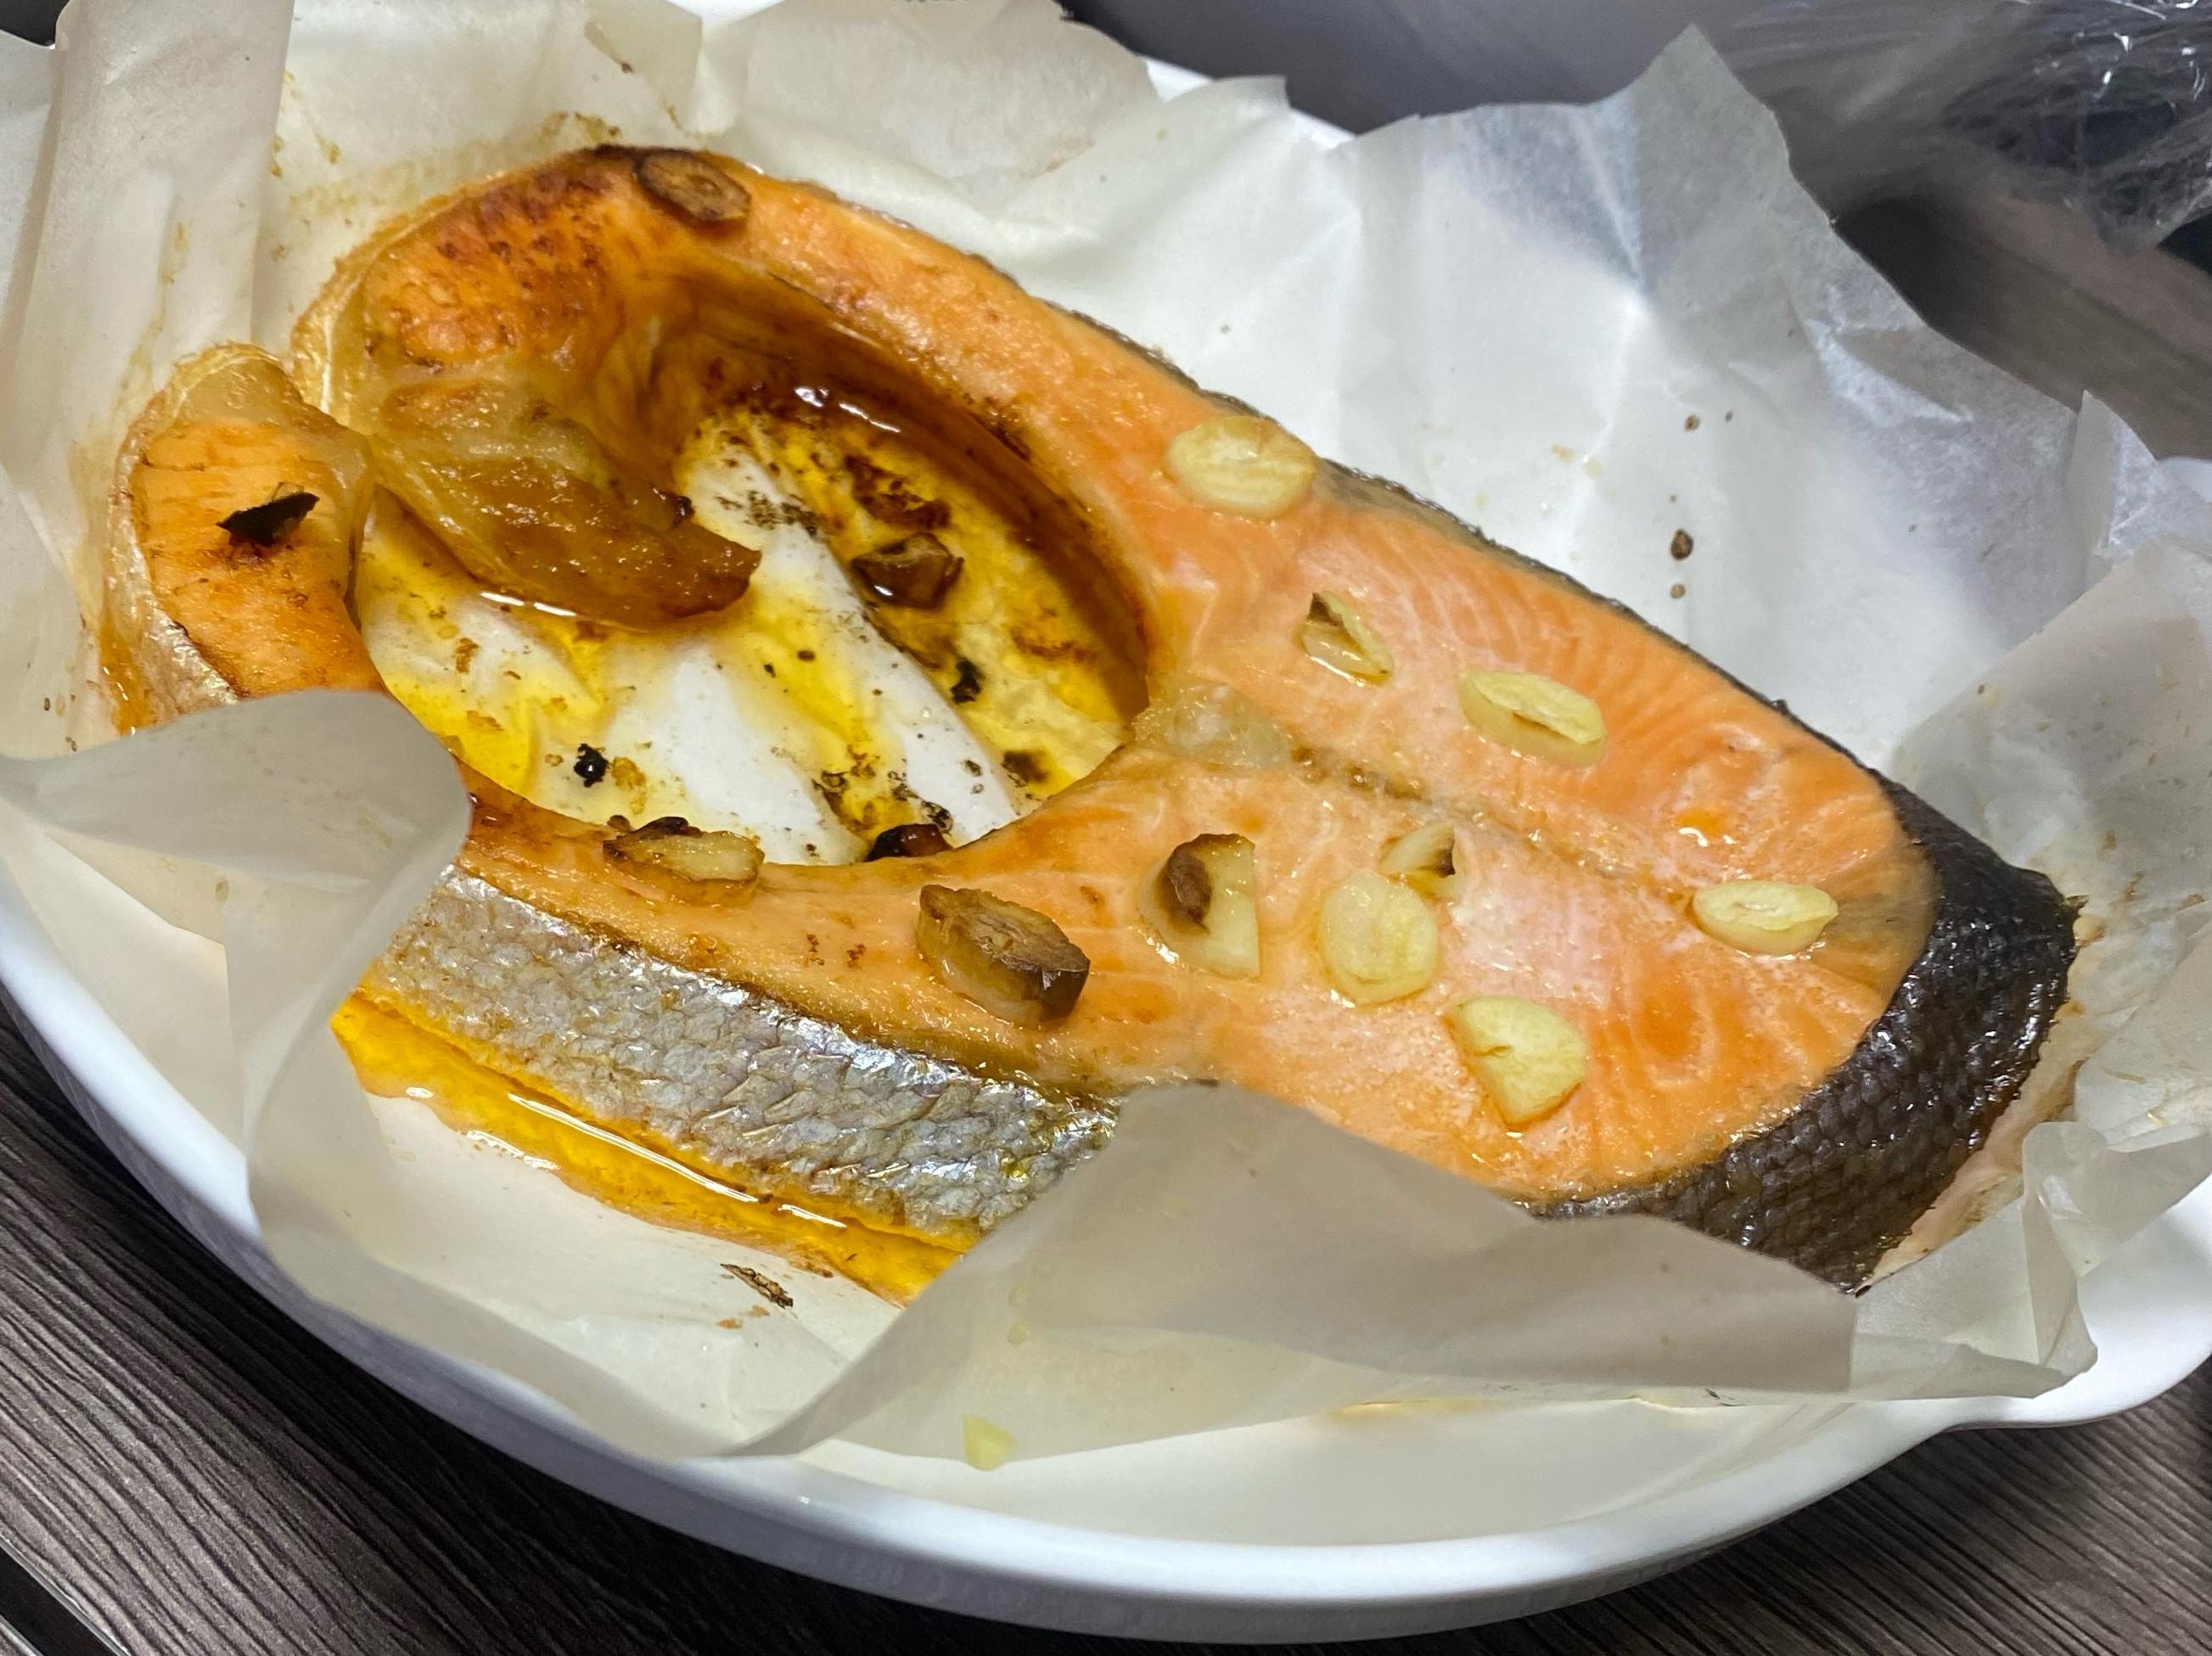 氣炸鍋高級料理「香蒜檸檬鮭魚」